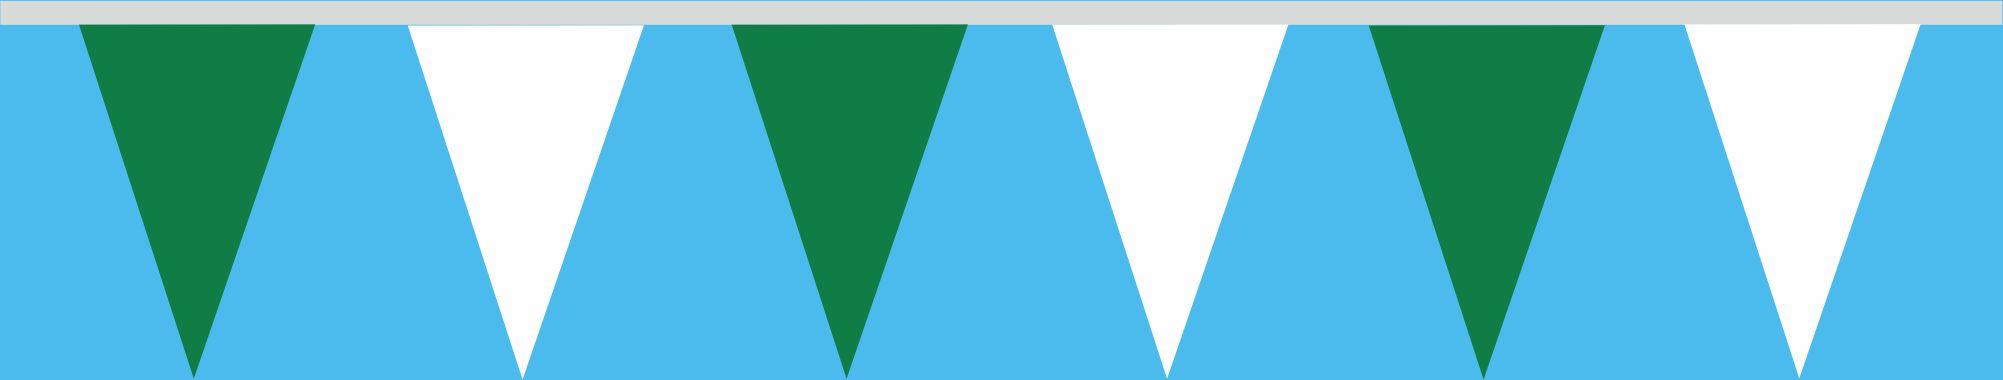 Wimpelkette grün-weiss 30x45